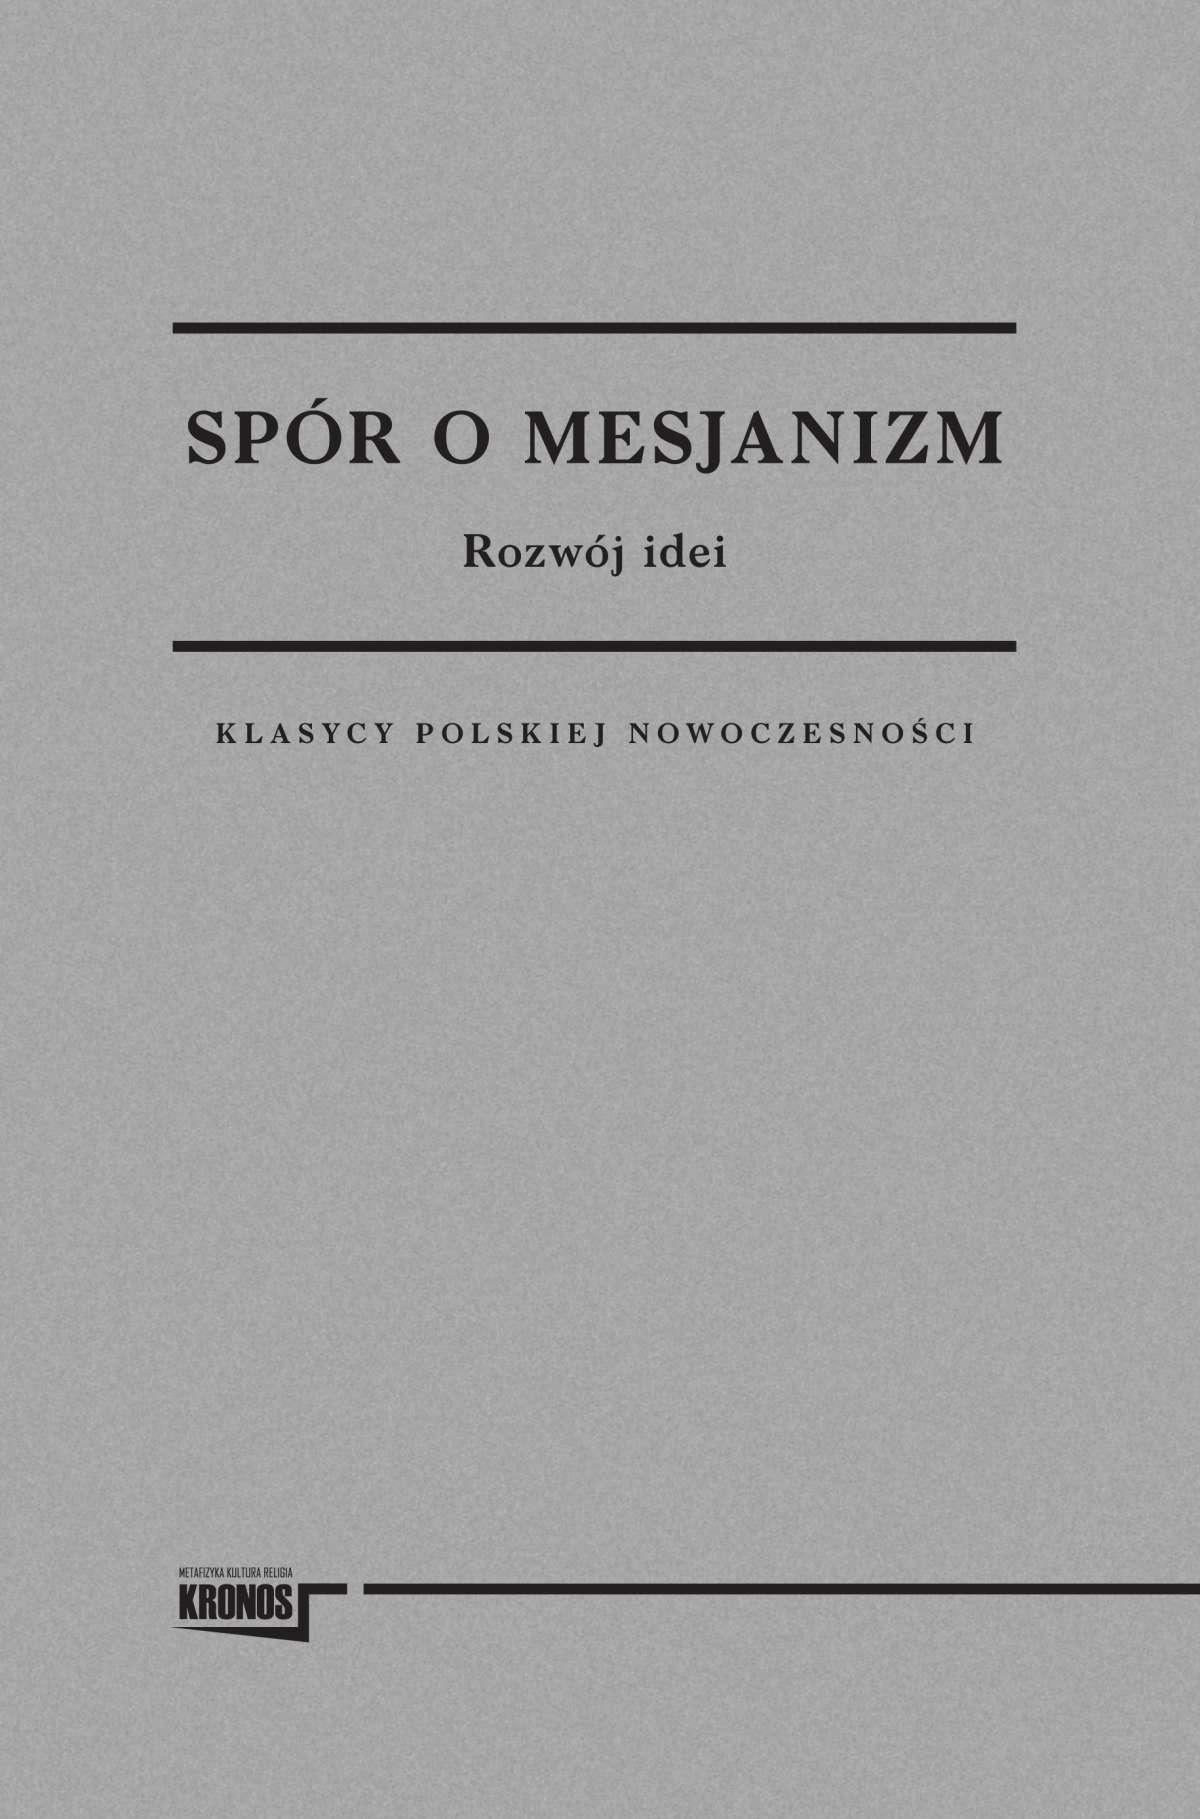 Spór o mesjanizm. Rozwój idei - Ebook (Książka na Kindle) do pobrania w formacie MOBI